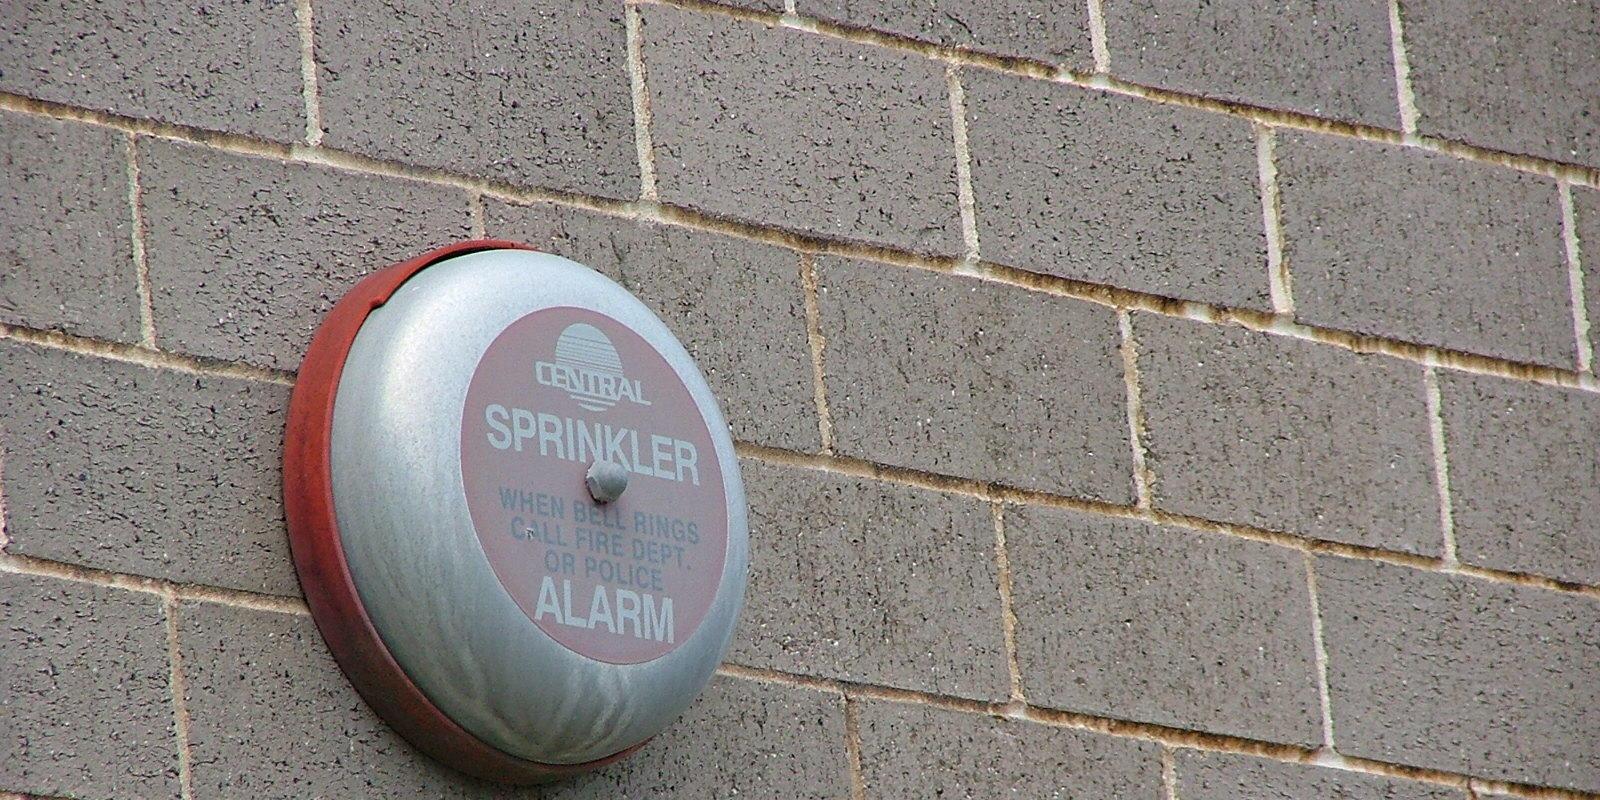 Sprinkler alarm